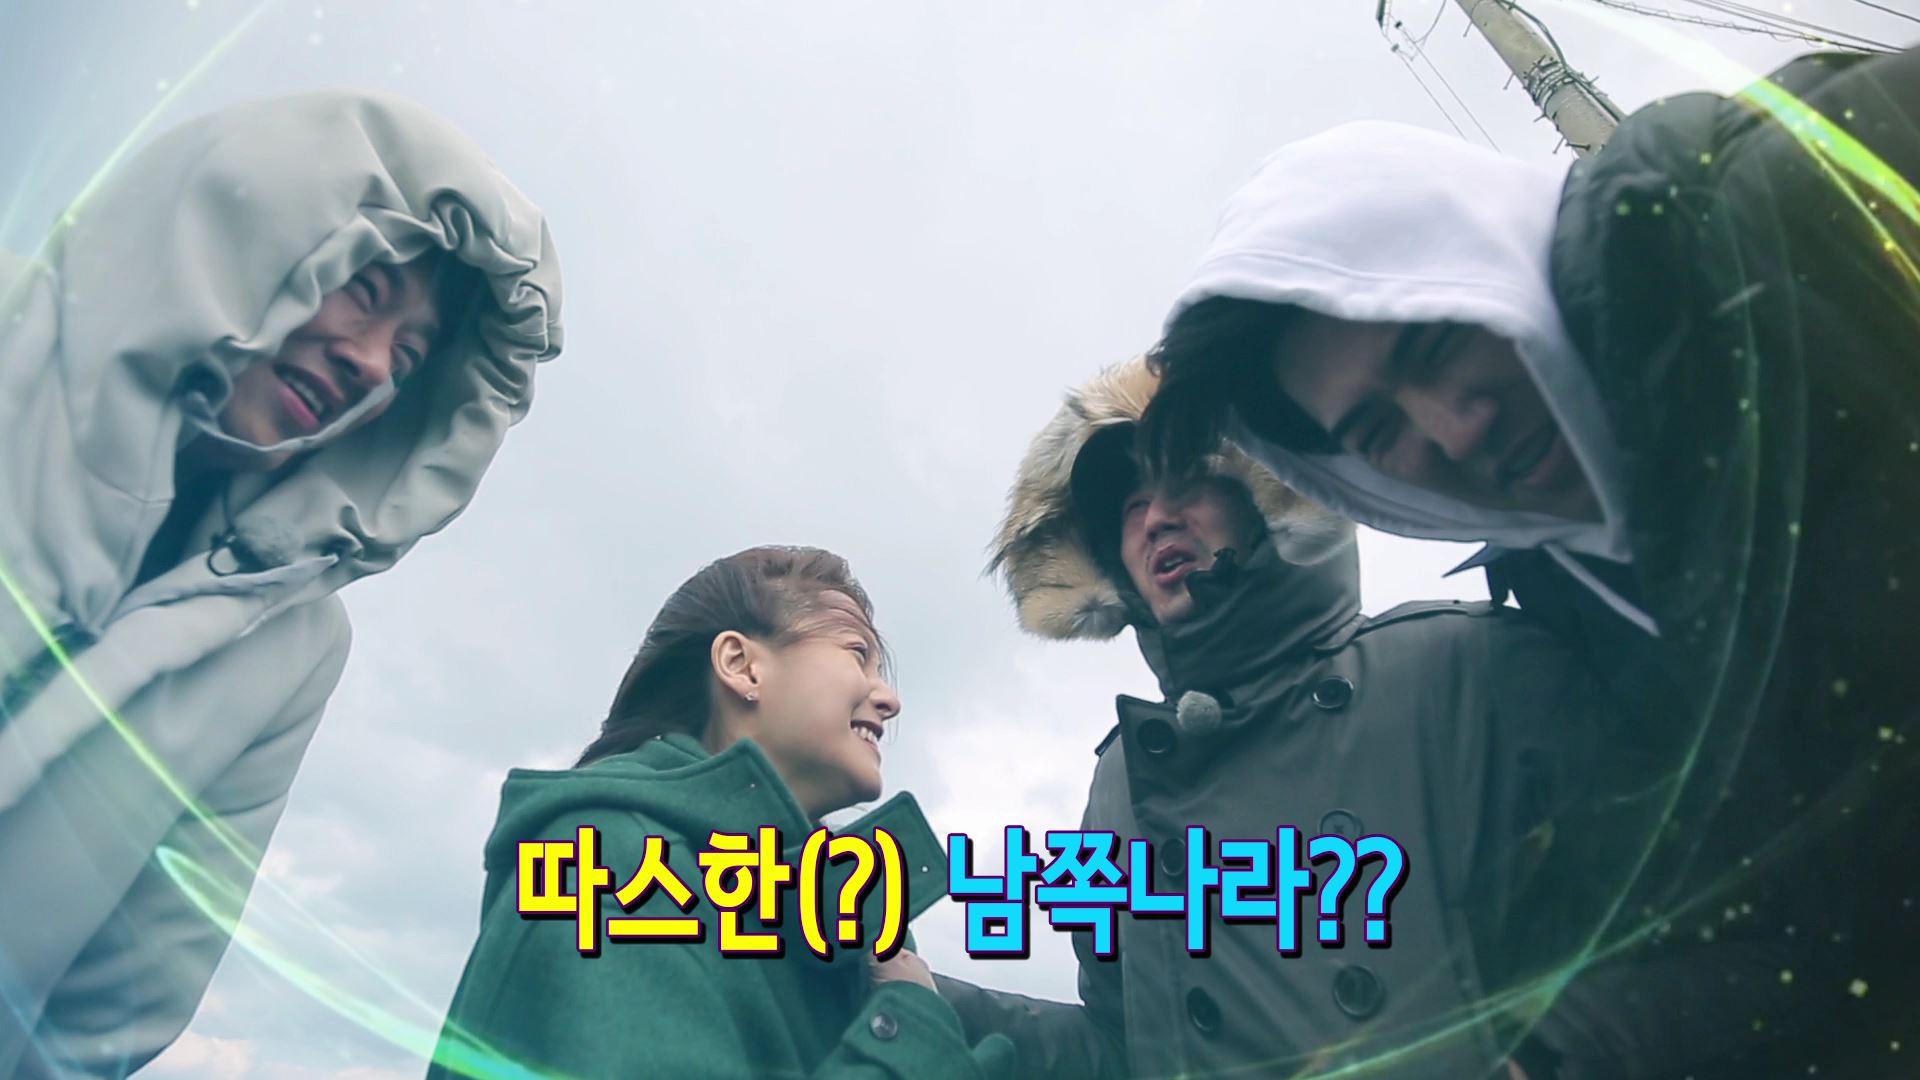 통하는 여행 시즌 3 - 일본 사가현 1회(비공개 자막누락)